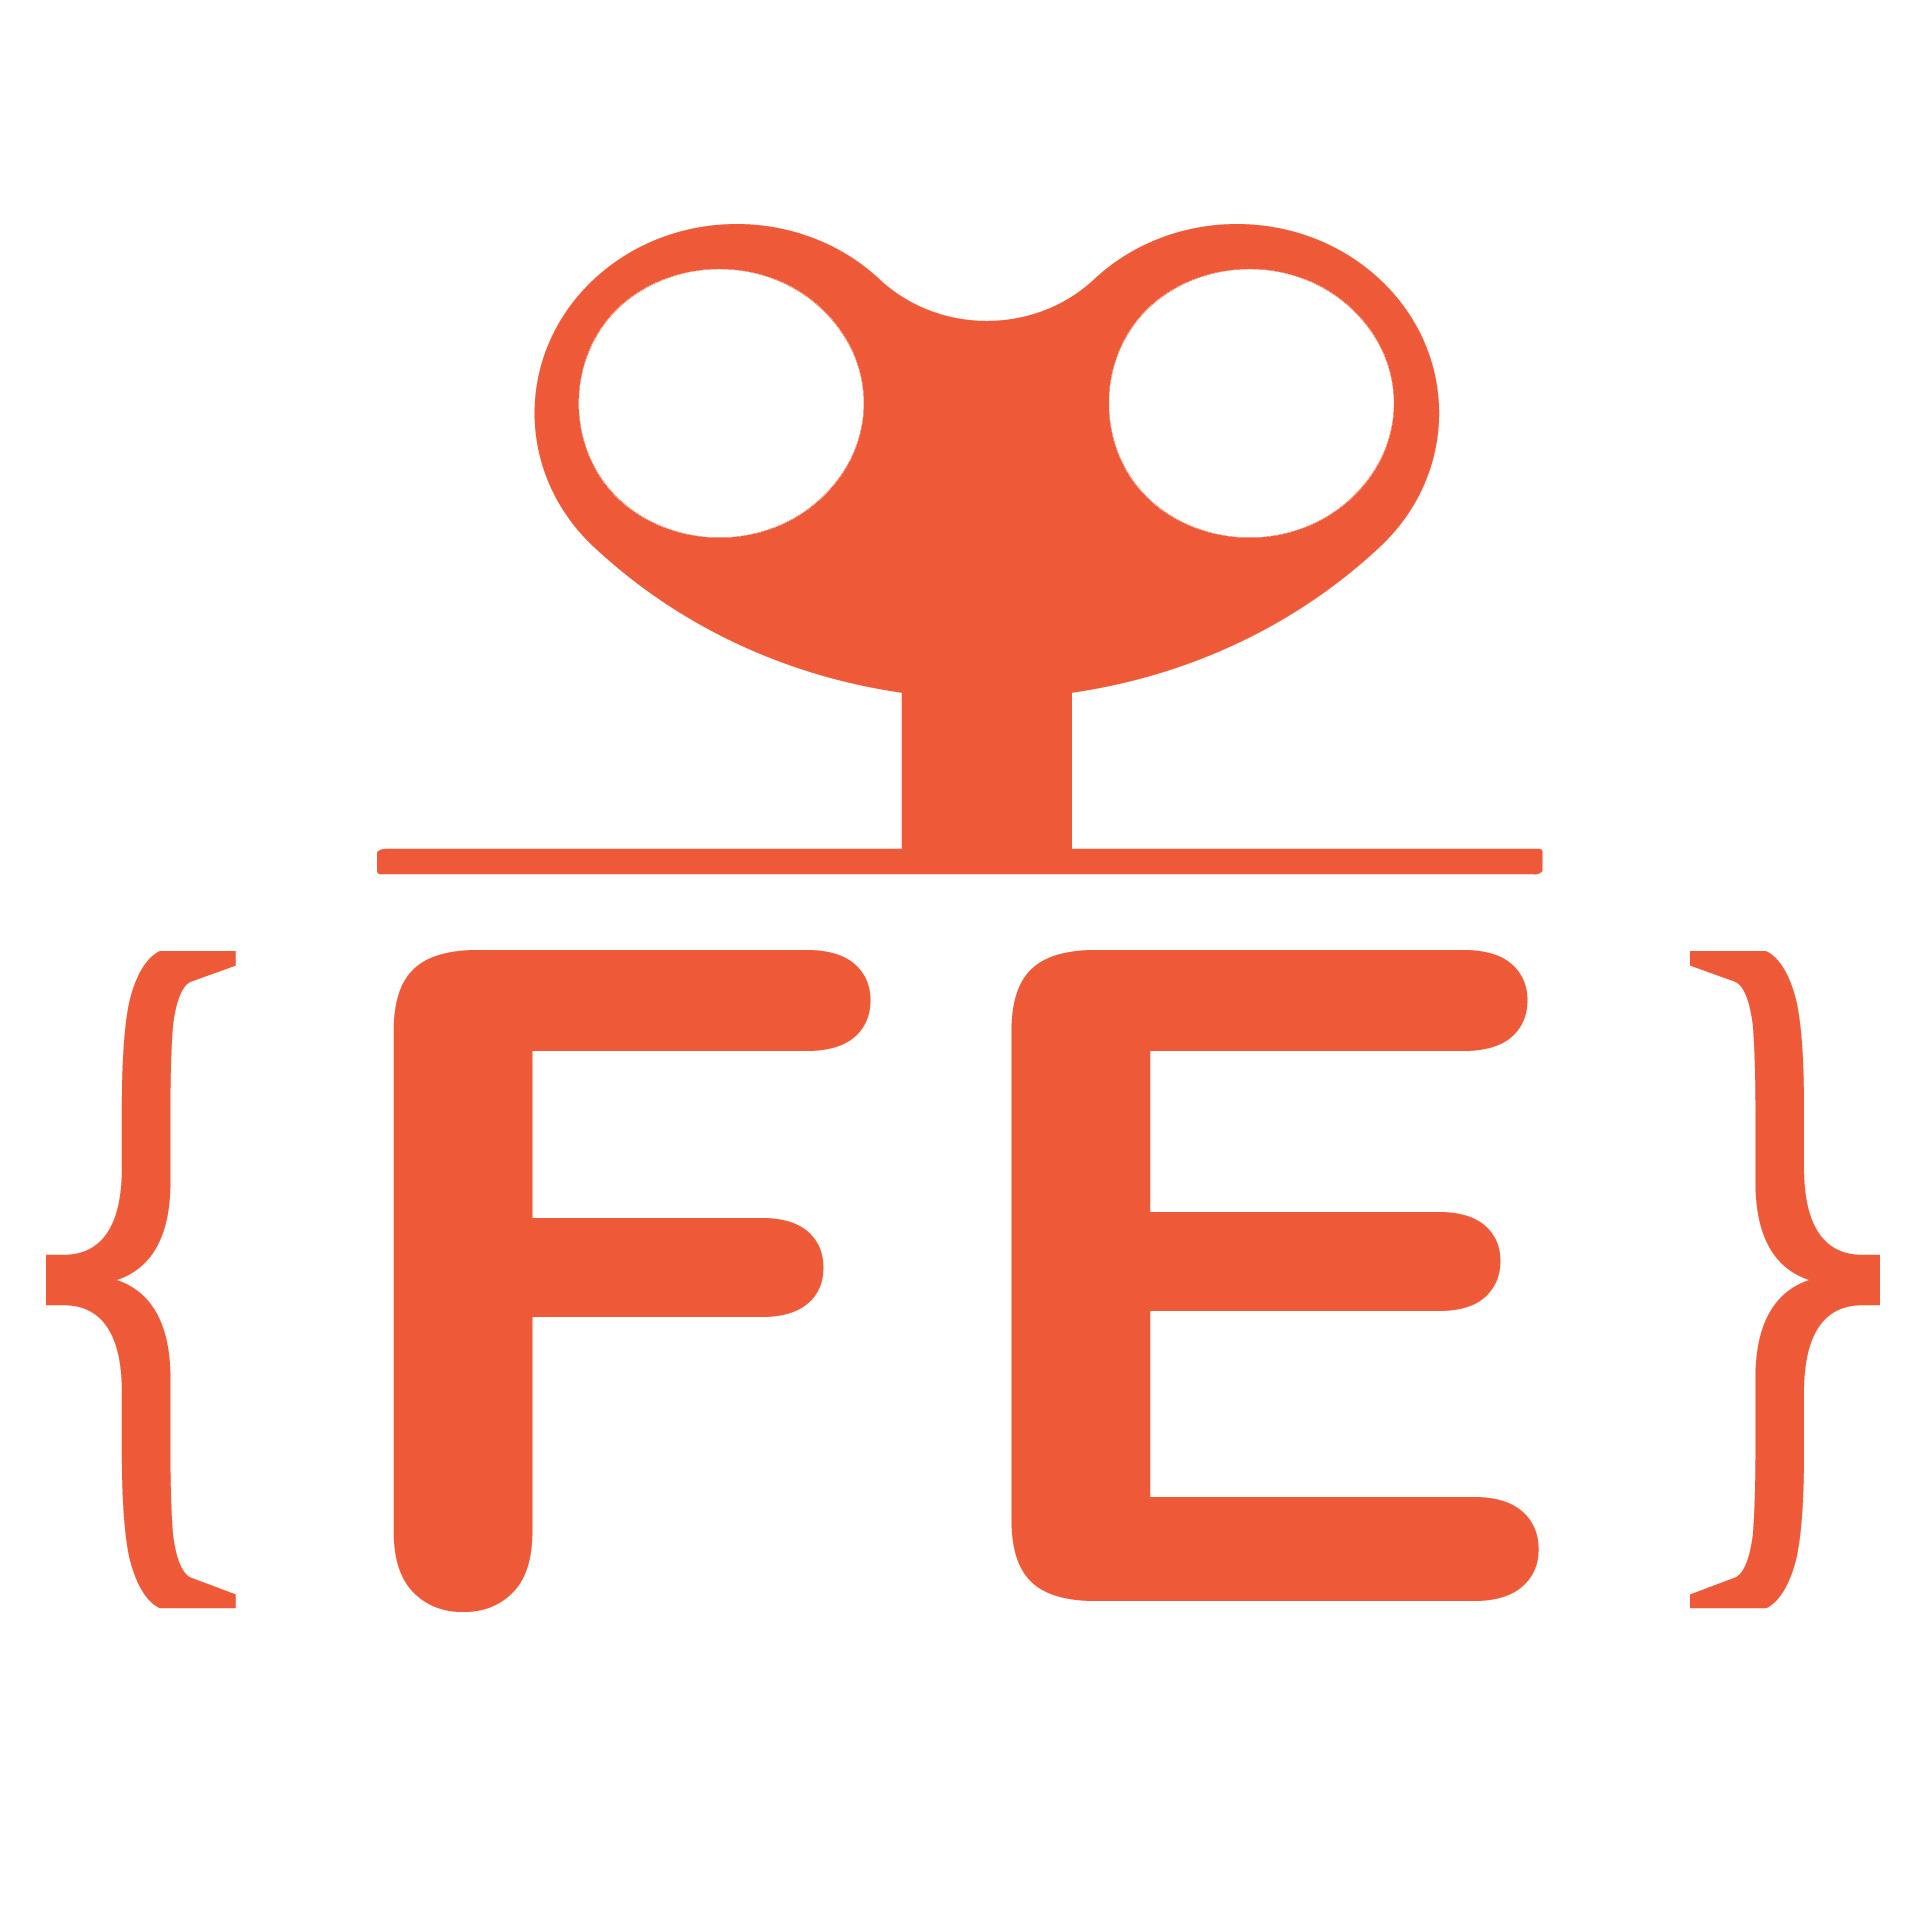 大转转FE的独家号 - 独家号